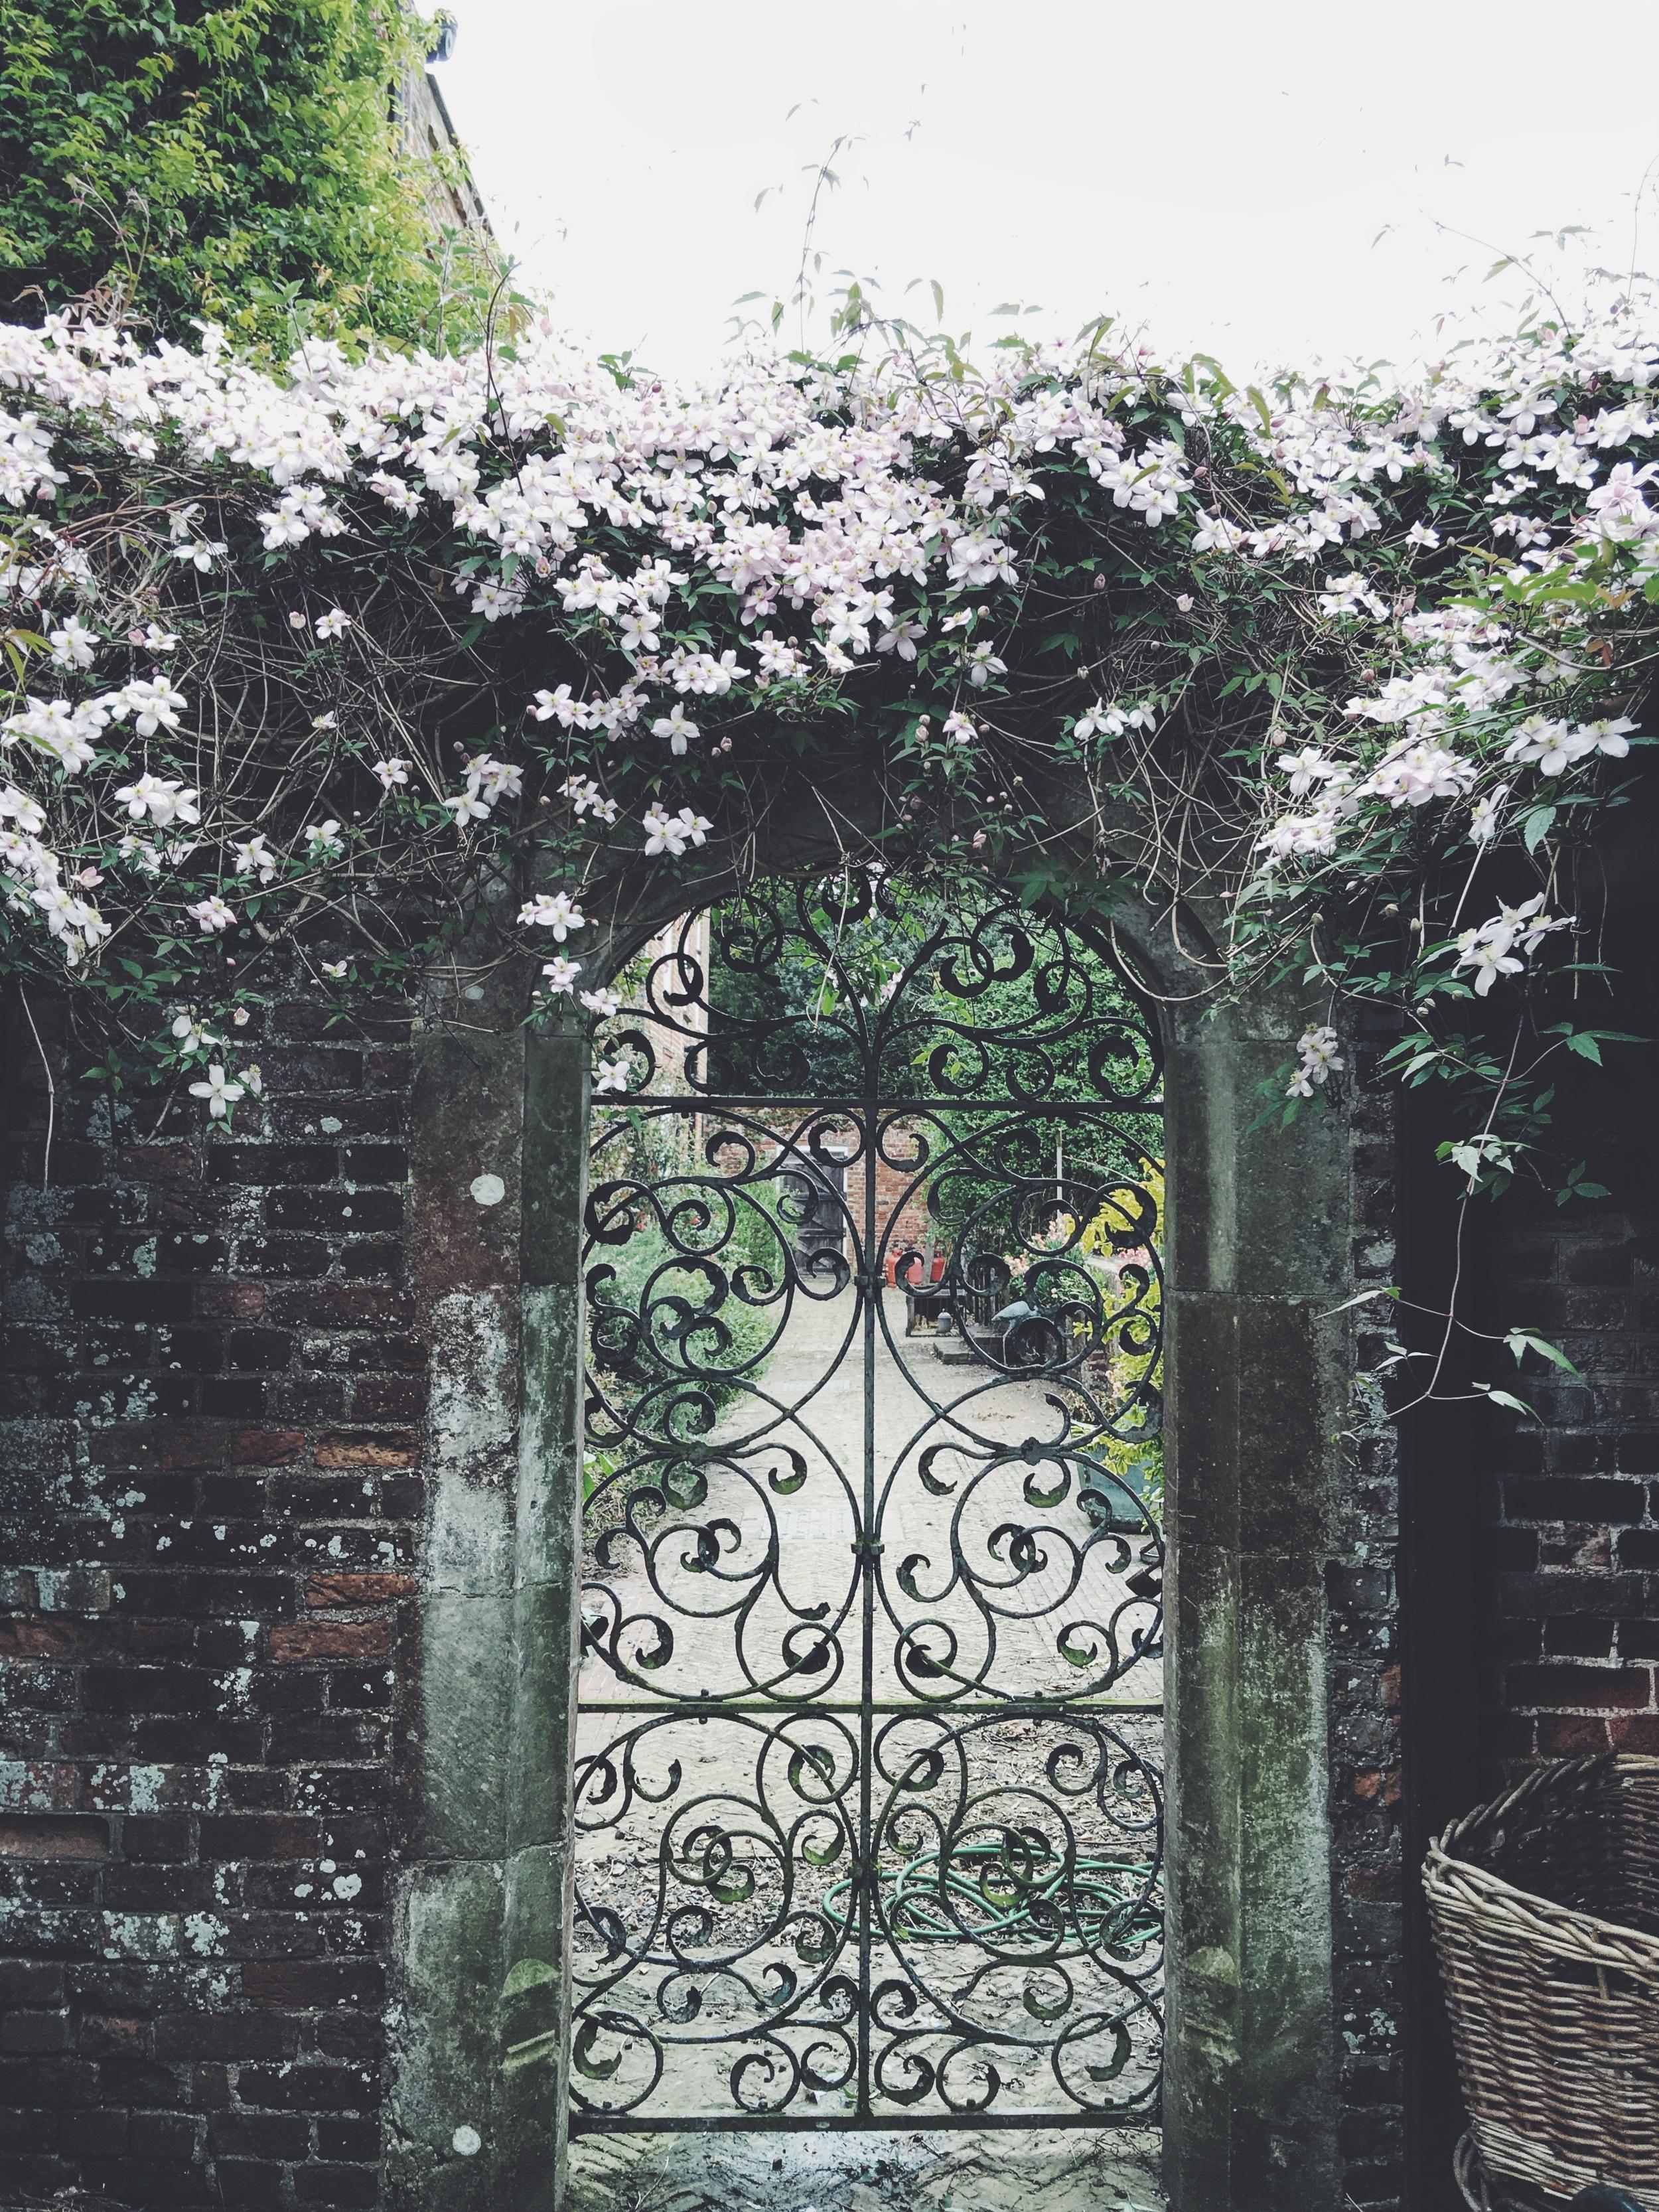 The beautiful gardens